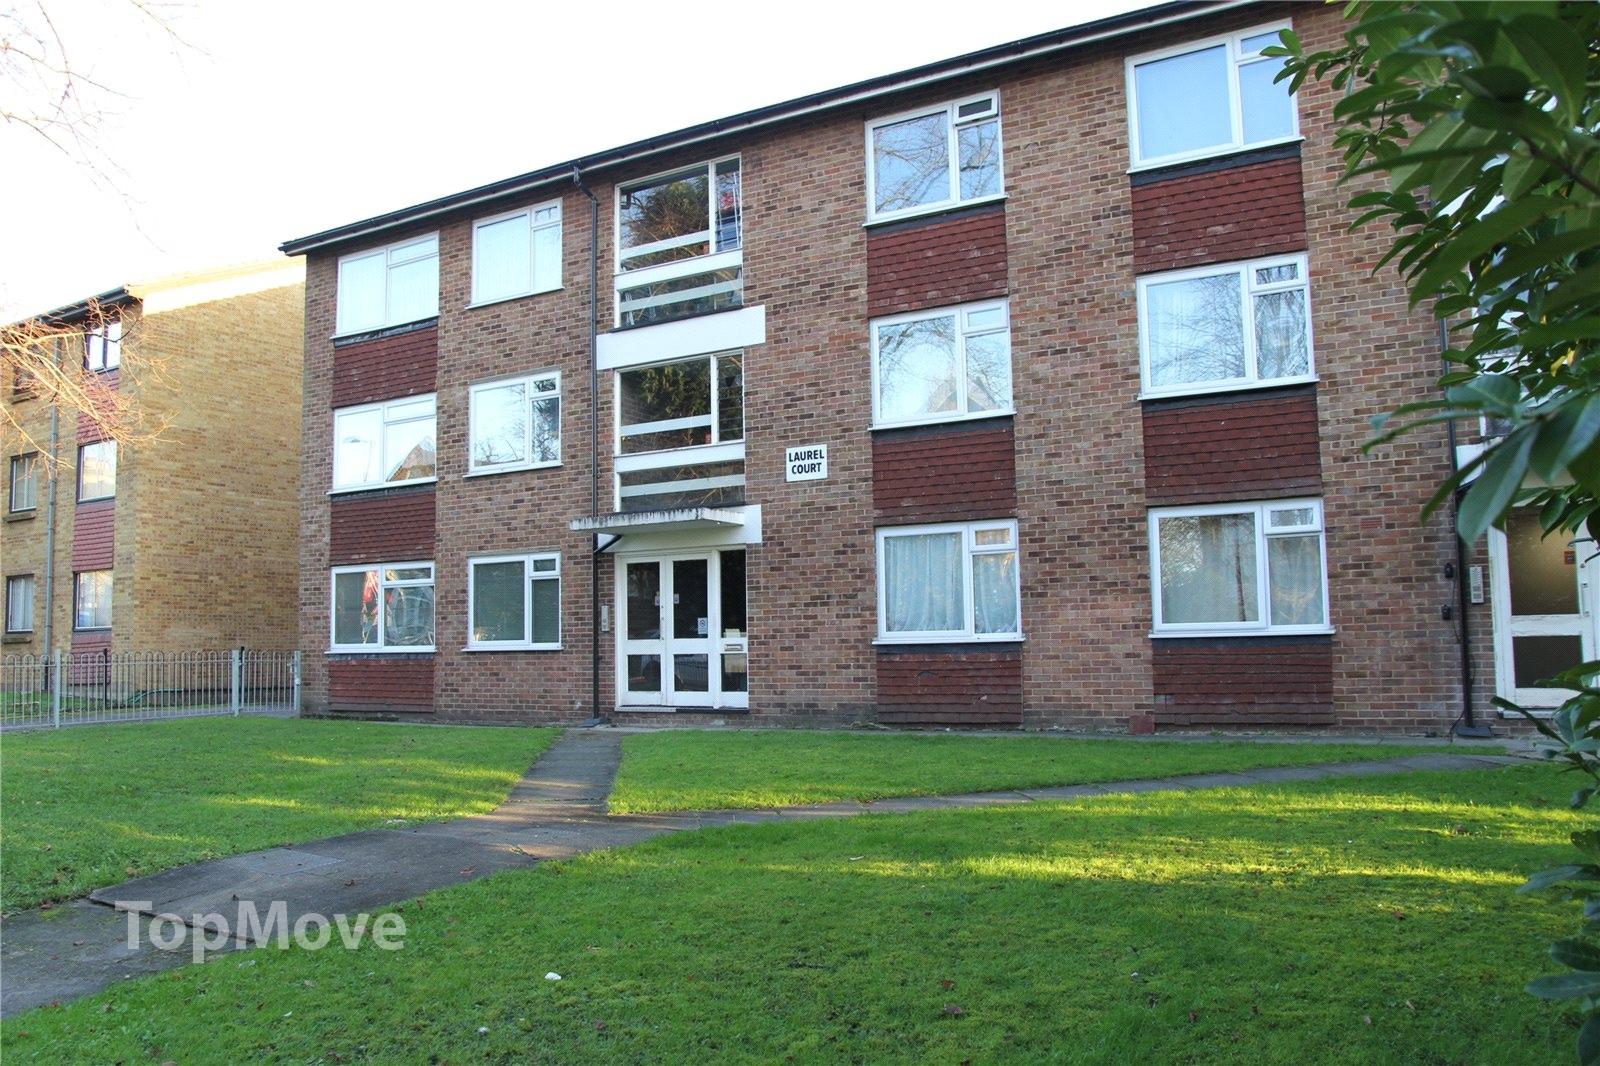 Laurel Court  146 Selhurst Road  London  SE25